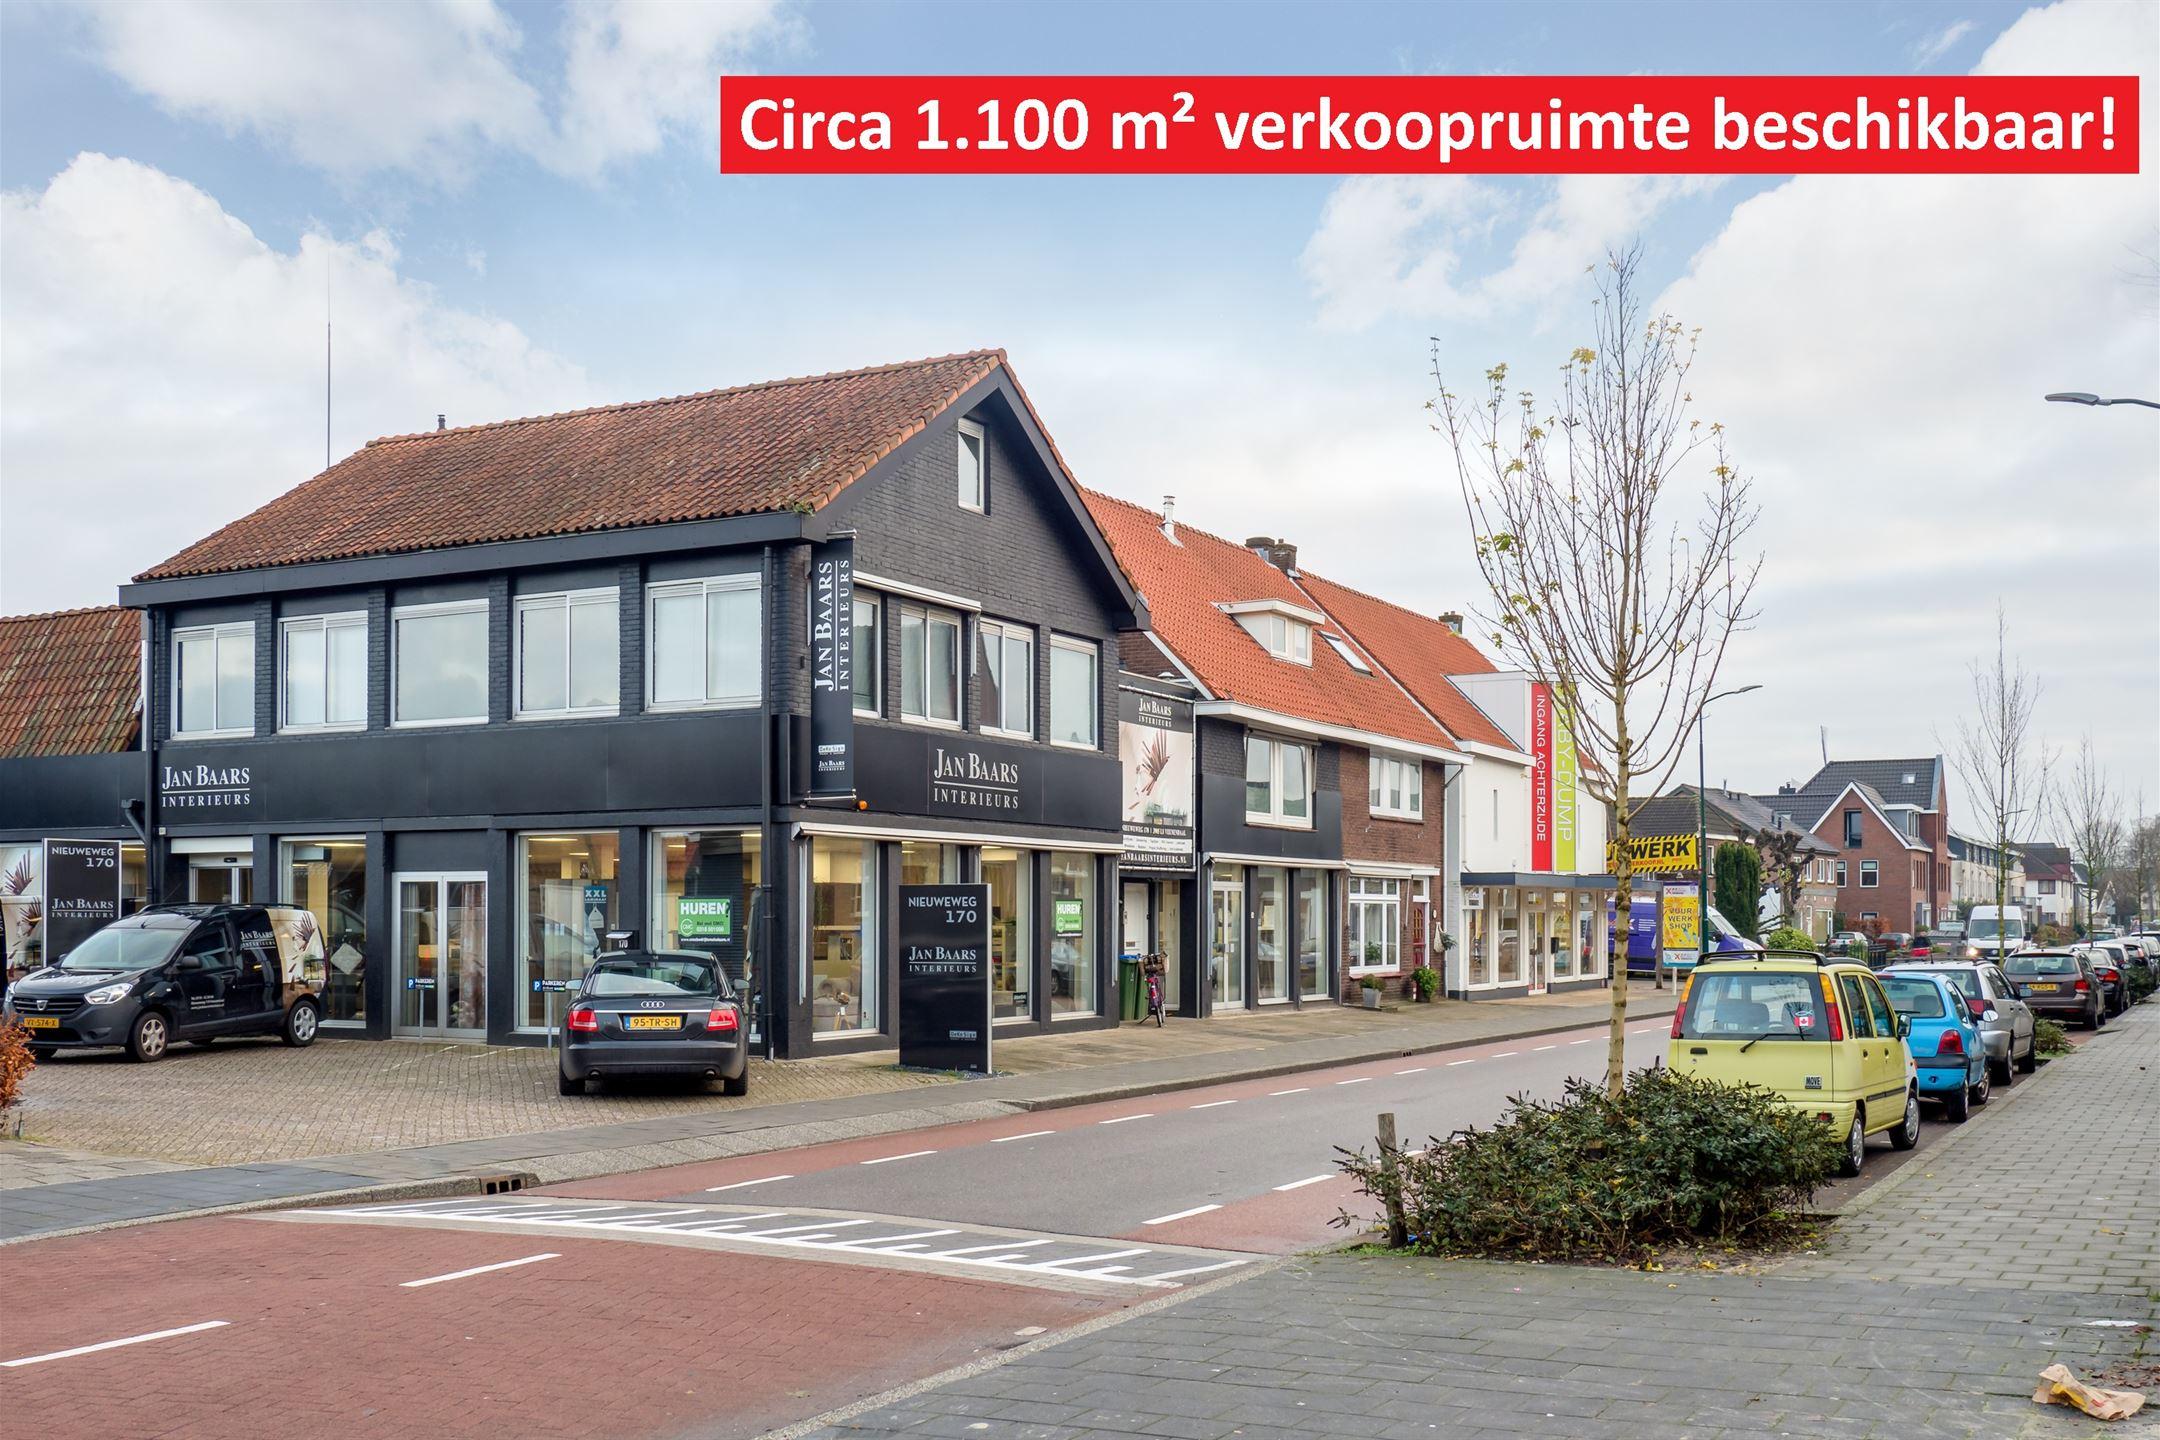 Awesome Jan Baars Interieurs Veenendaal inspiratie - Woonkamer ...